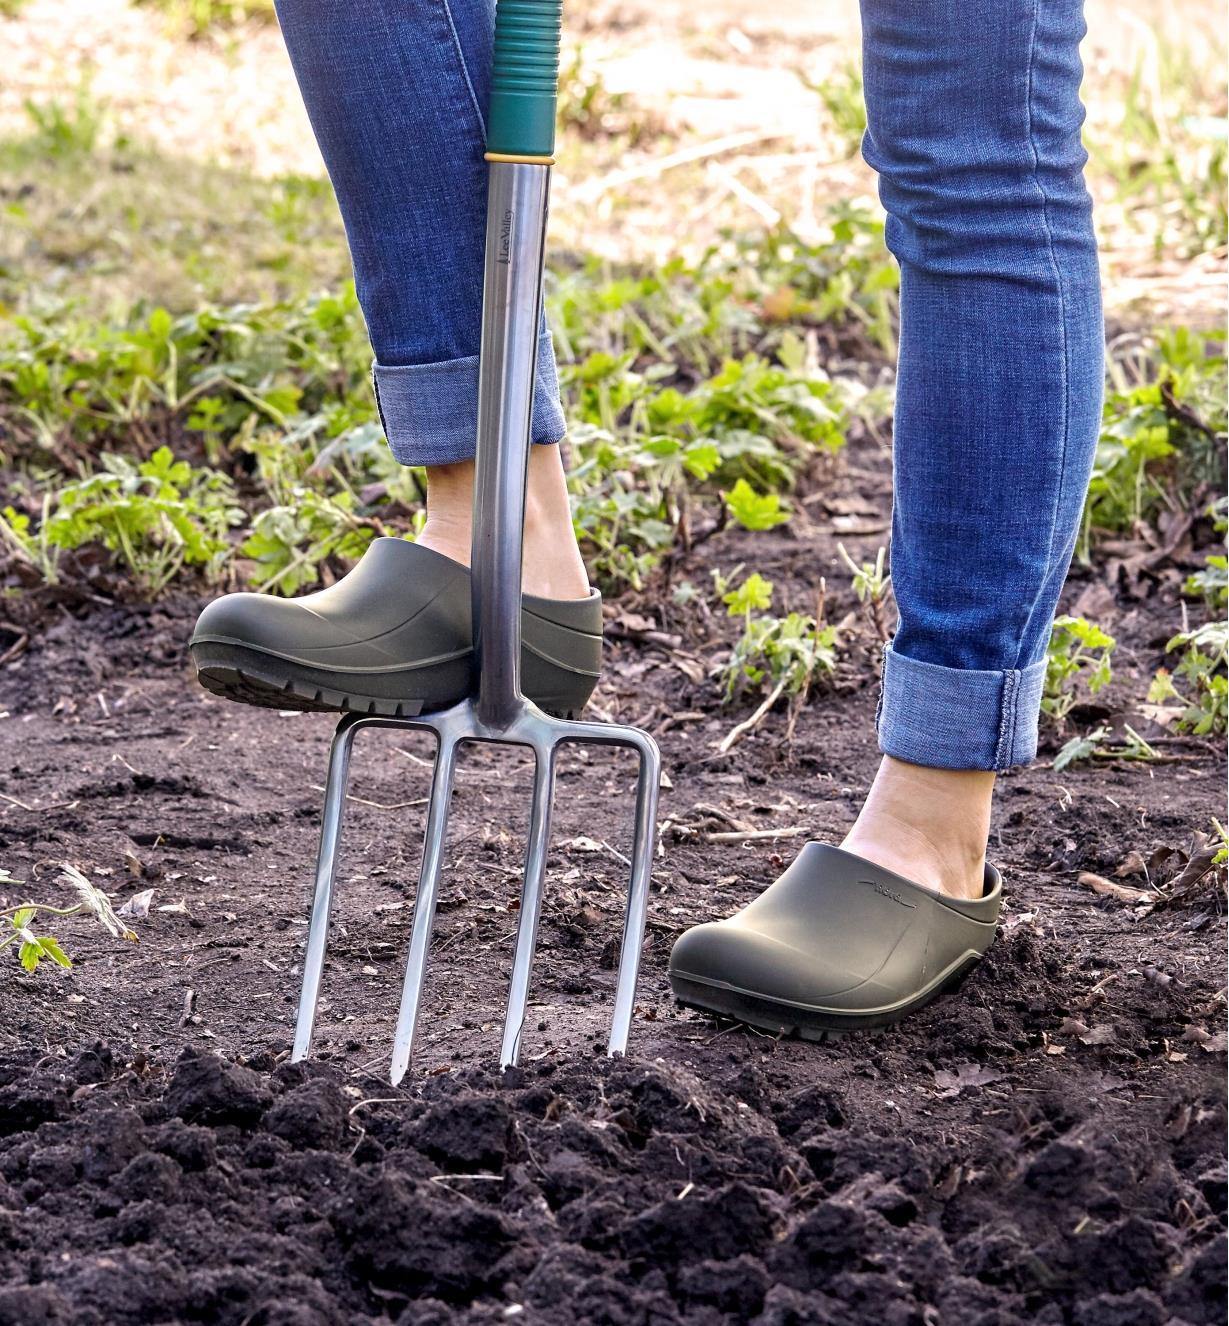 Femme chaussée de sabots de jardin européens enfonçant une fourche dans le sol avec son pied